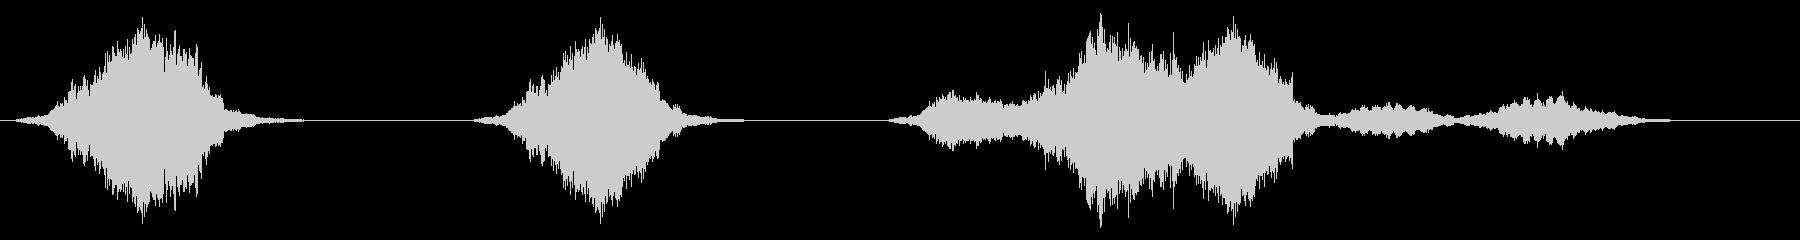 宇宙ビークルドライブバイスフューチャーの未再生の波形